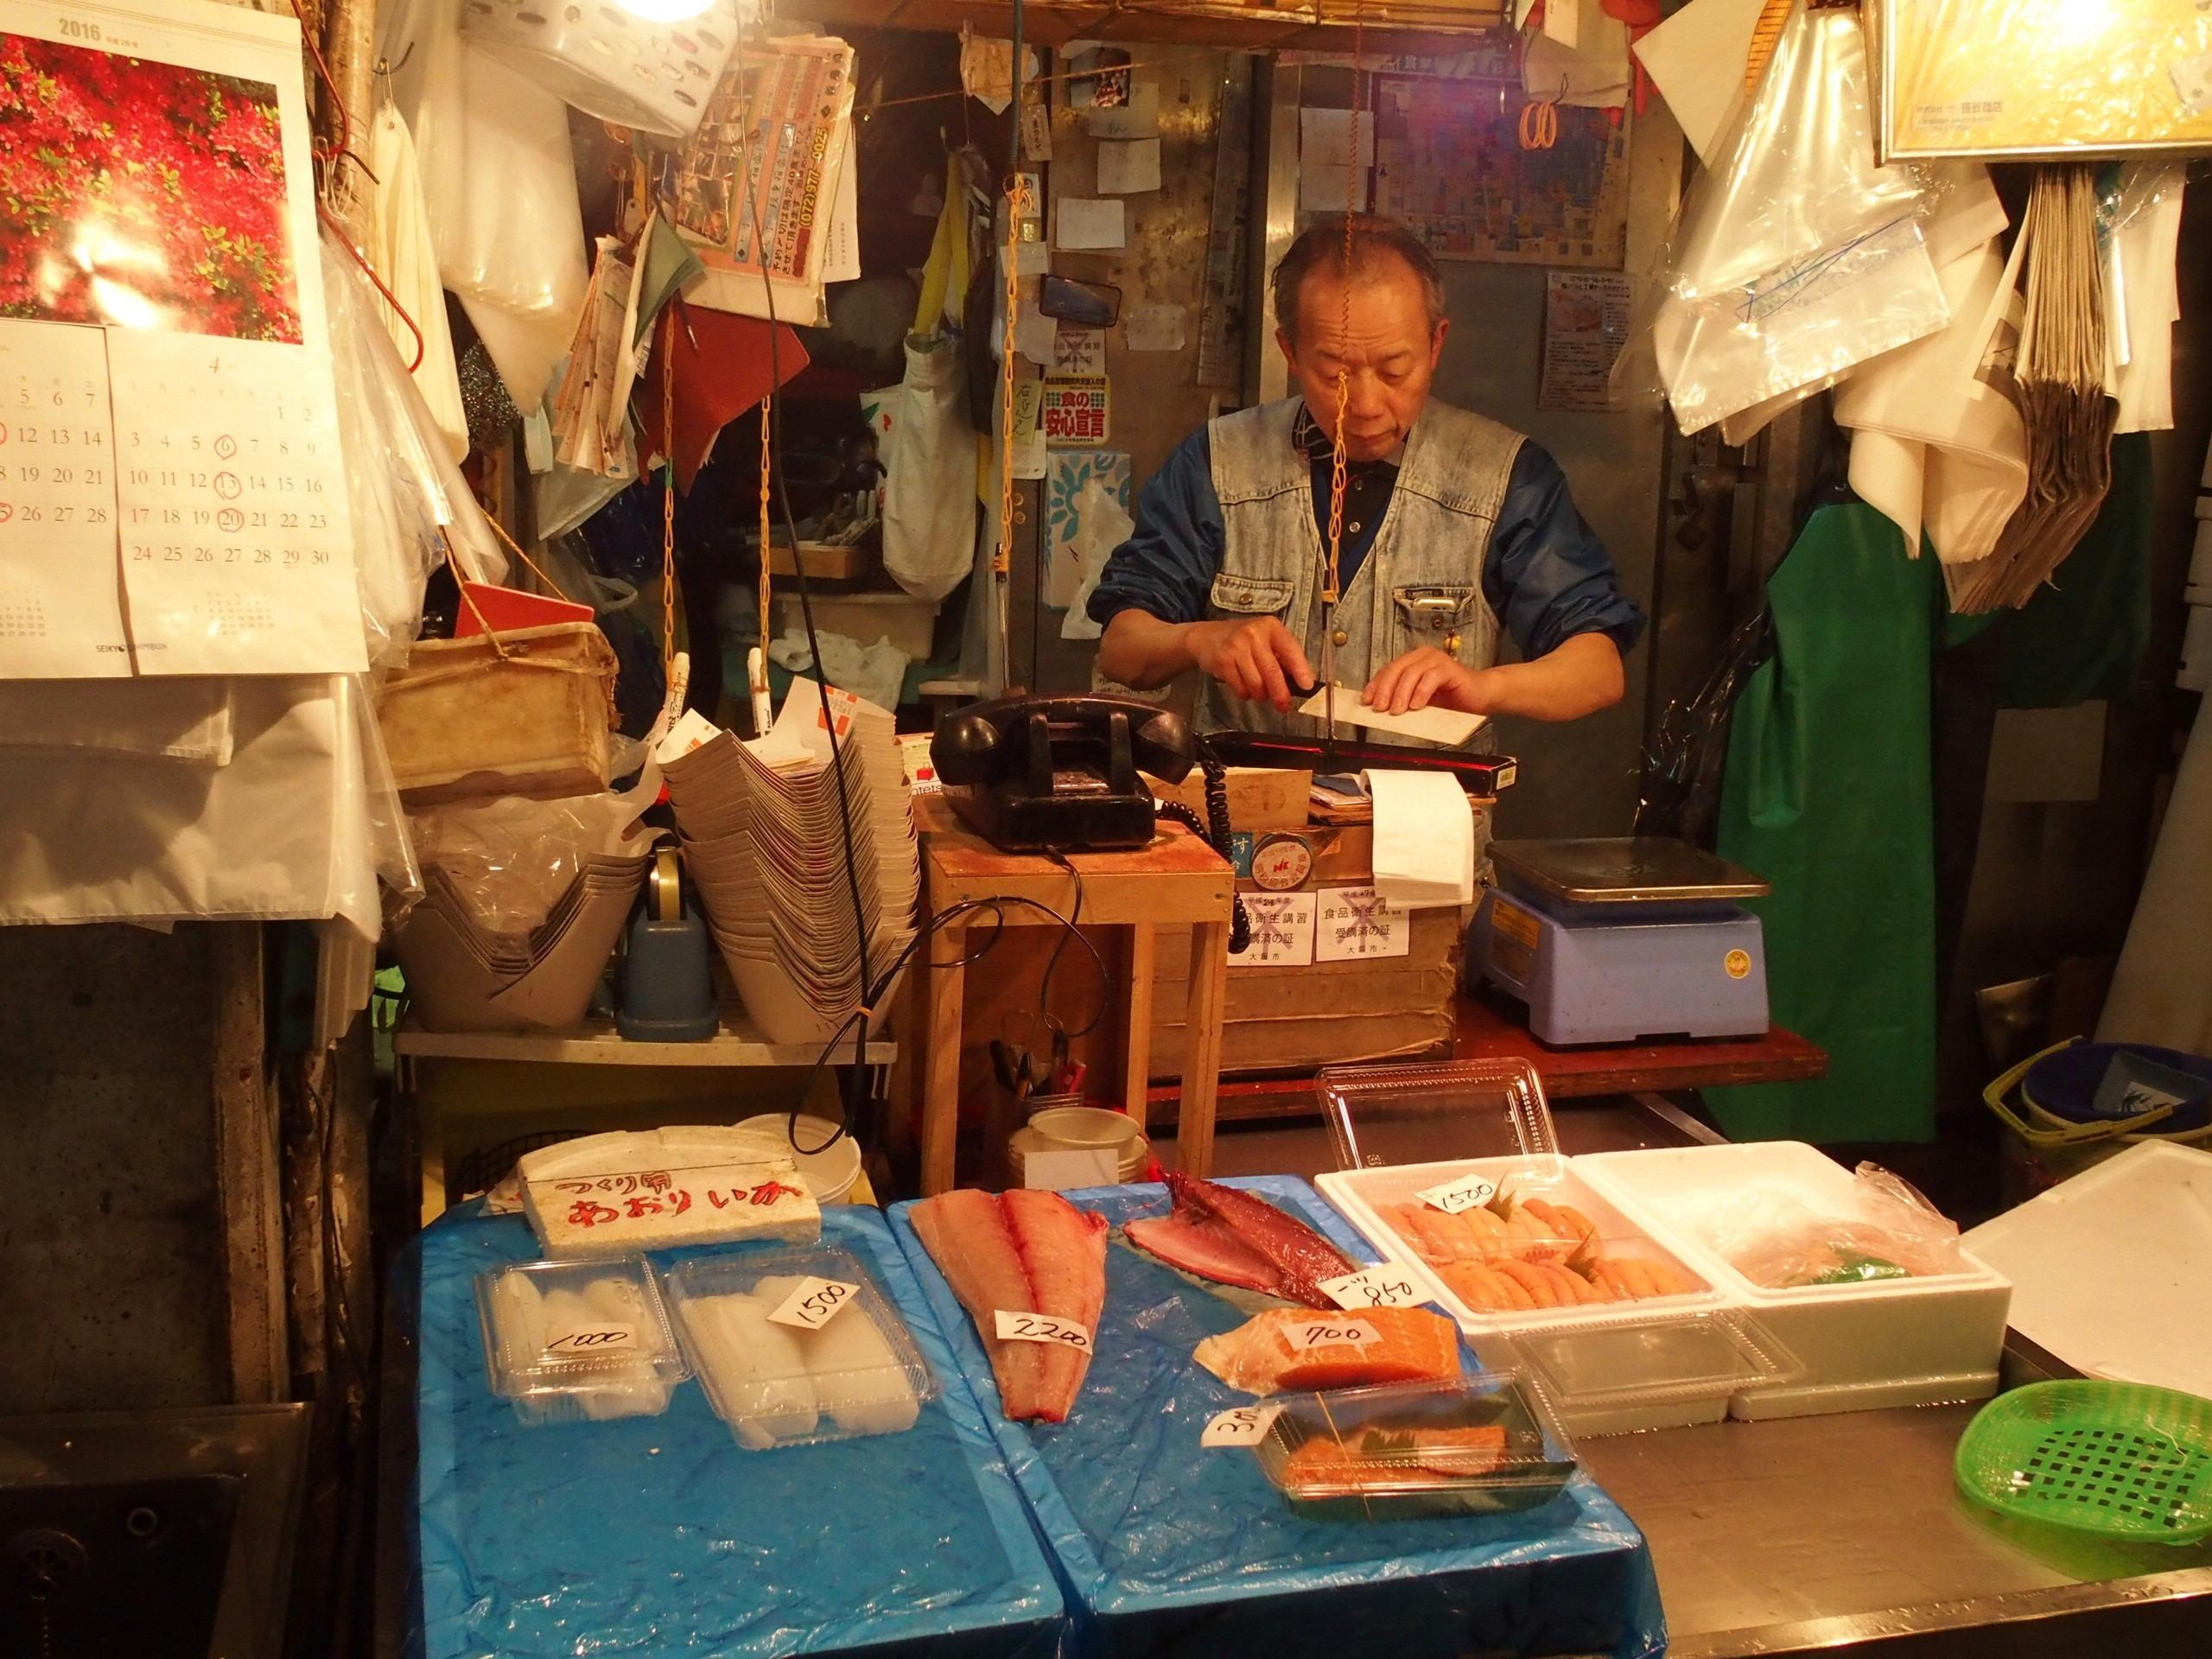 Stand de vente poissons marché visite d'Osaka Japon